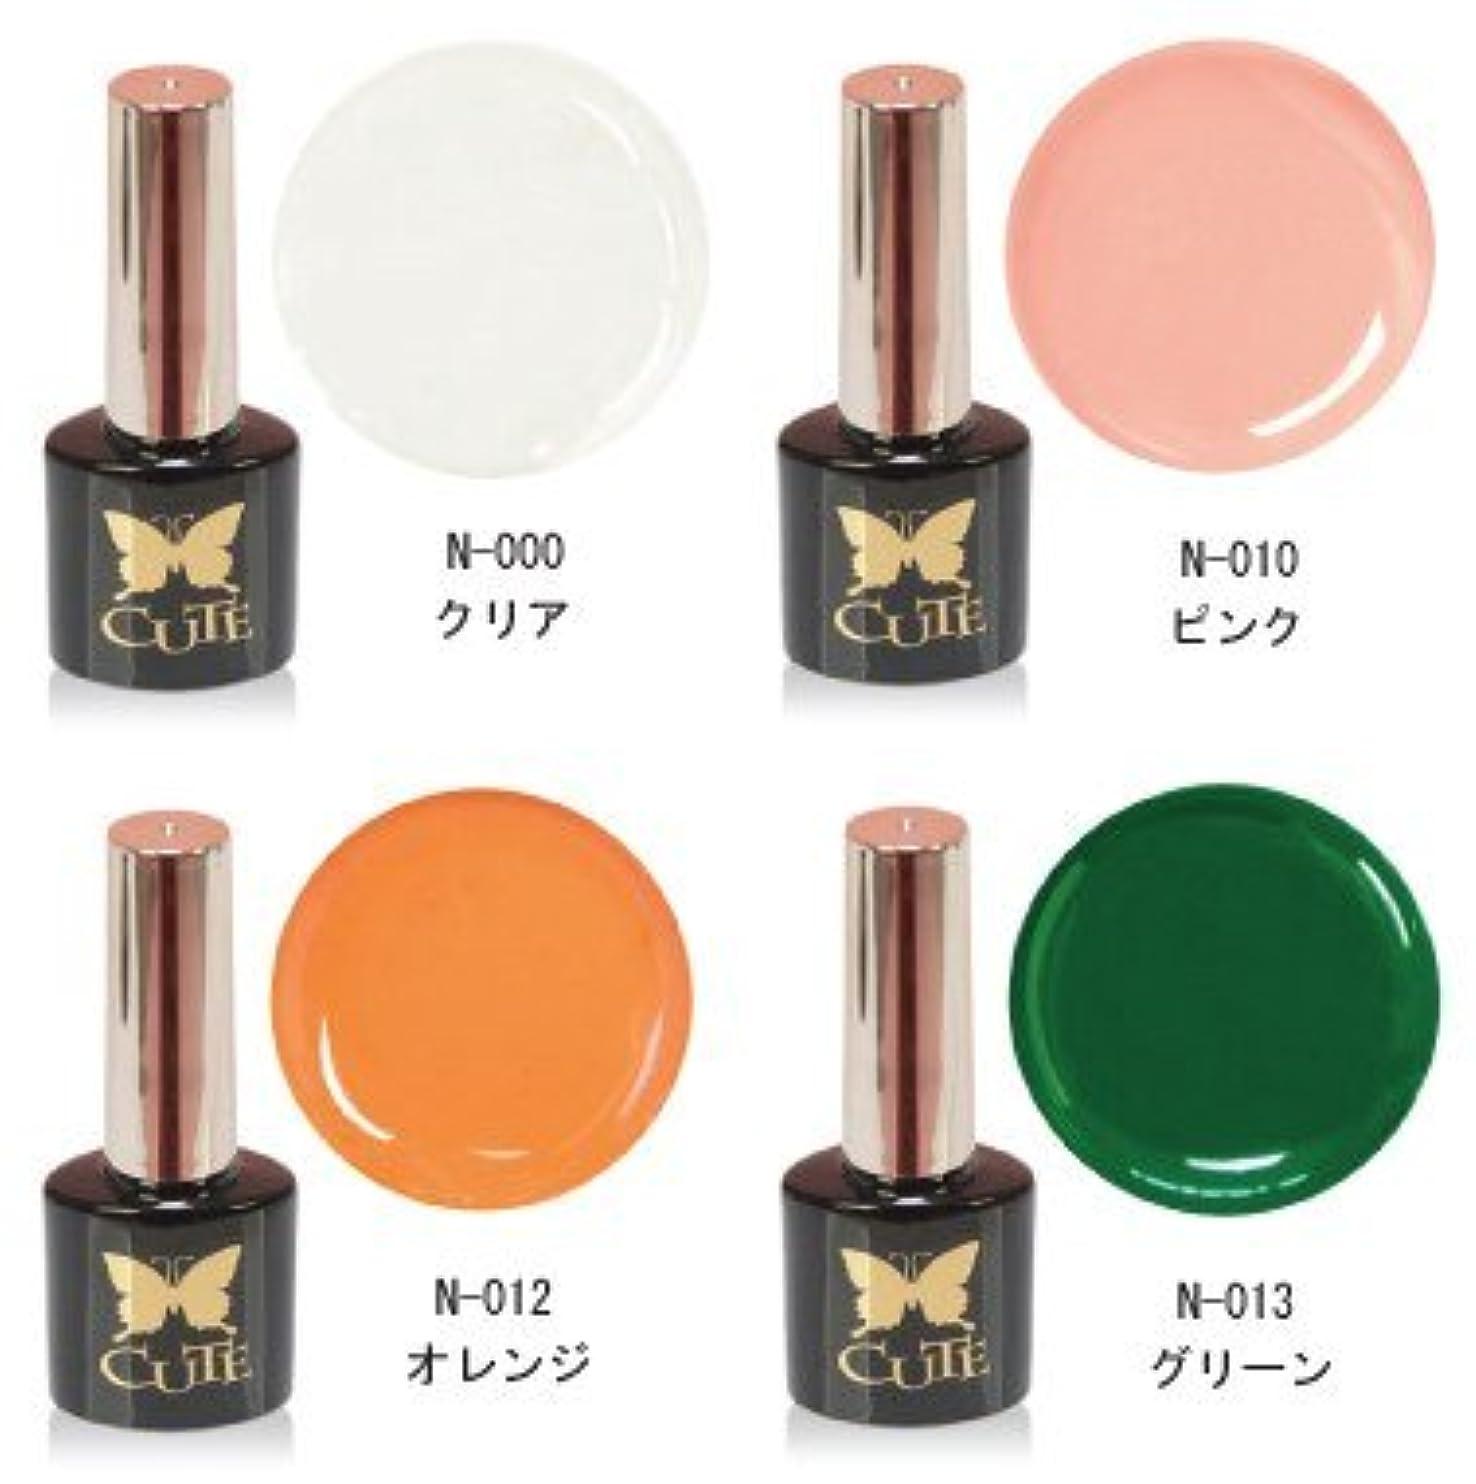 申込み努力する飾り羽キュートラクジェル4色セットD   オレンジ、グリーン、ピンクの3色とクリアがセットに カラーを混ぜれば中間色も実現 1本ずつ購入するよりもお得にゲット